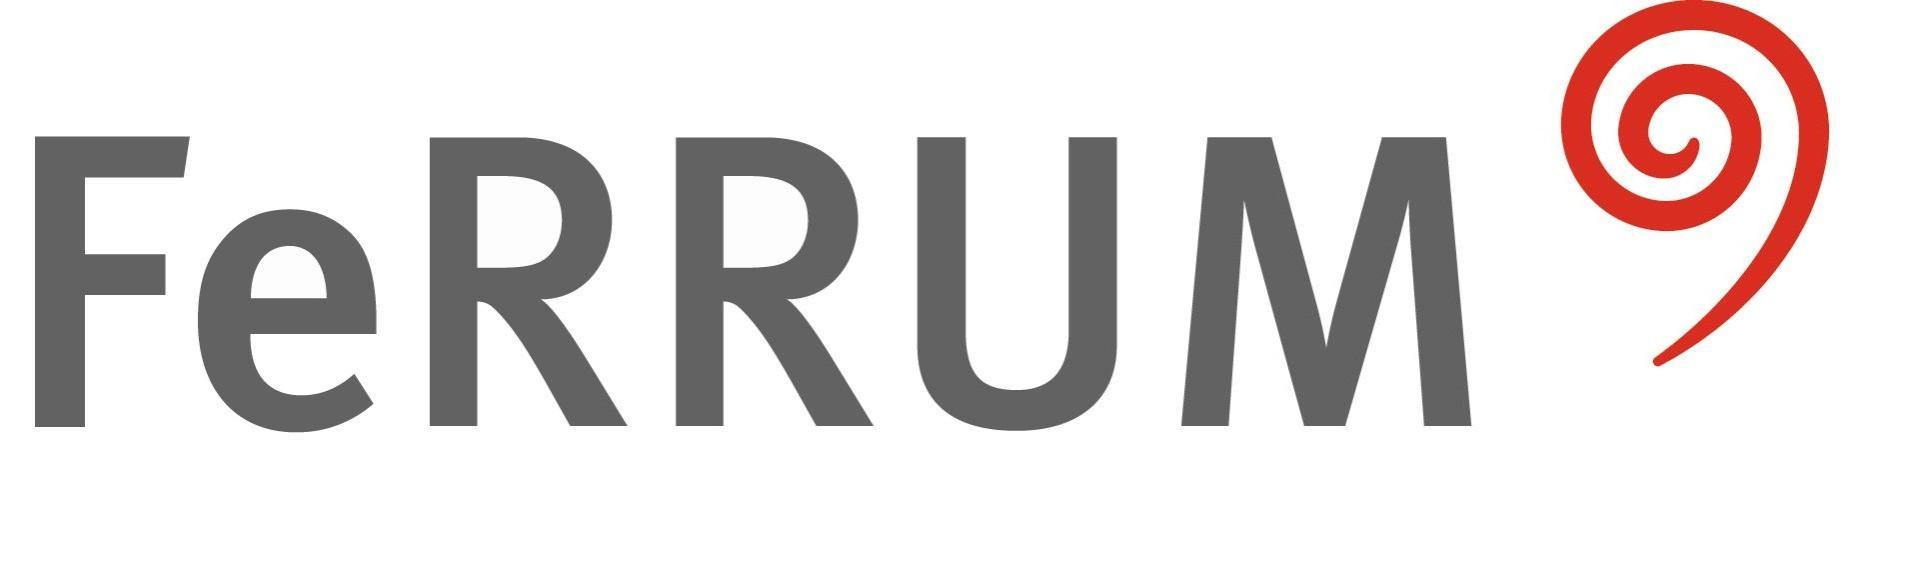 nur FeRRUM logo.JPG